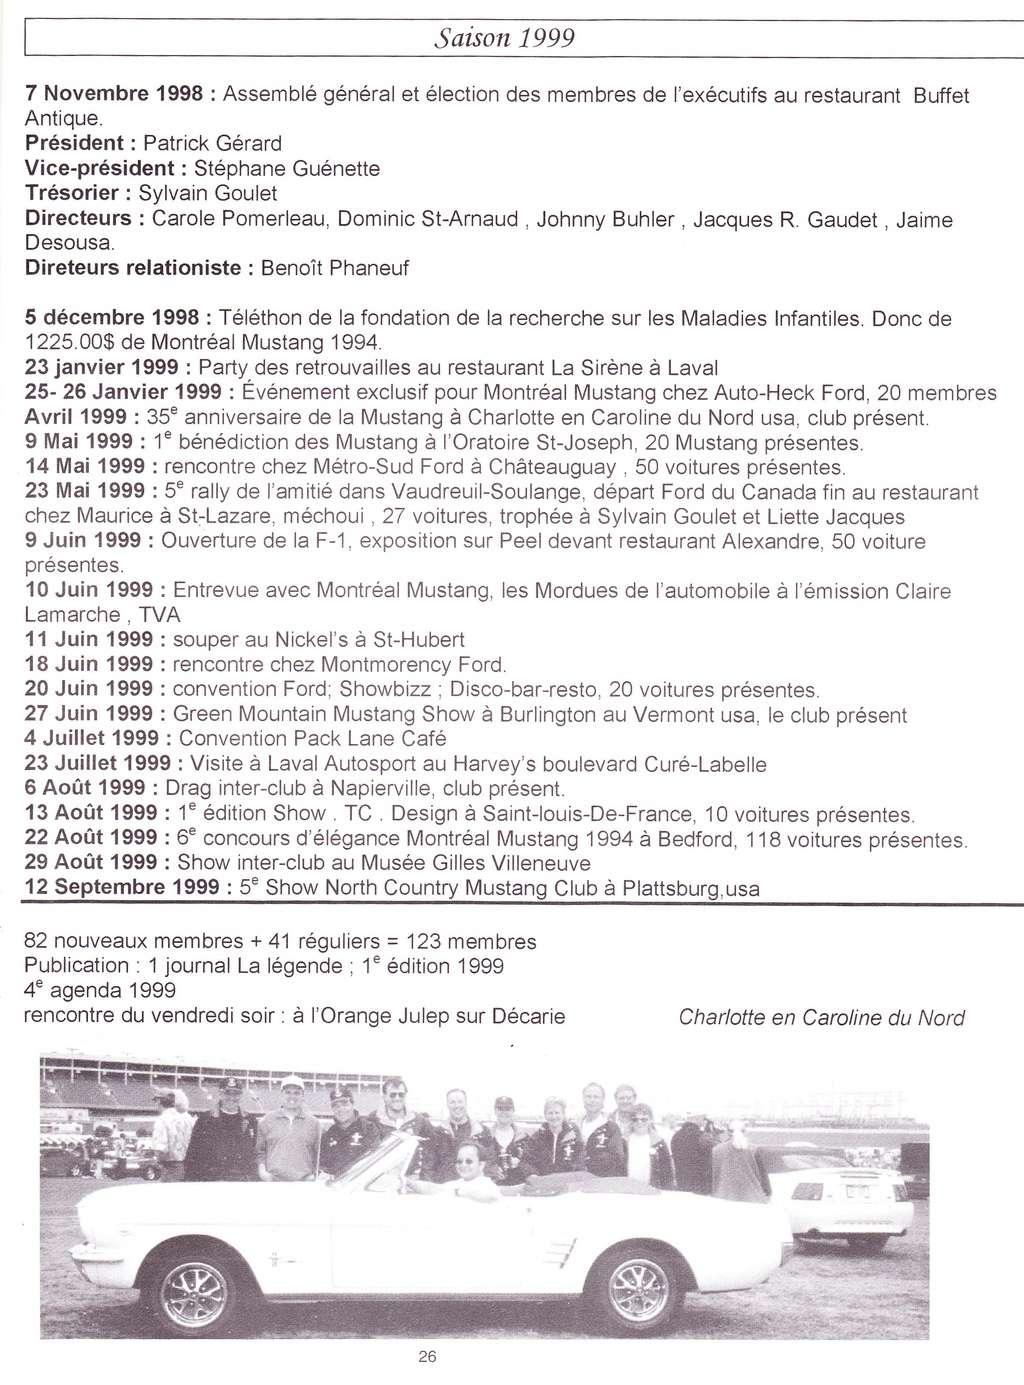 Montréal Mustang dans le temps! 1981 à aujourd'hui (Histoire en photos) La_lyg64